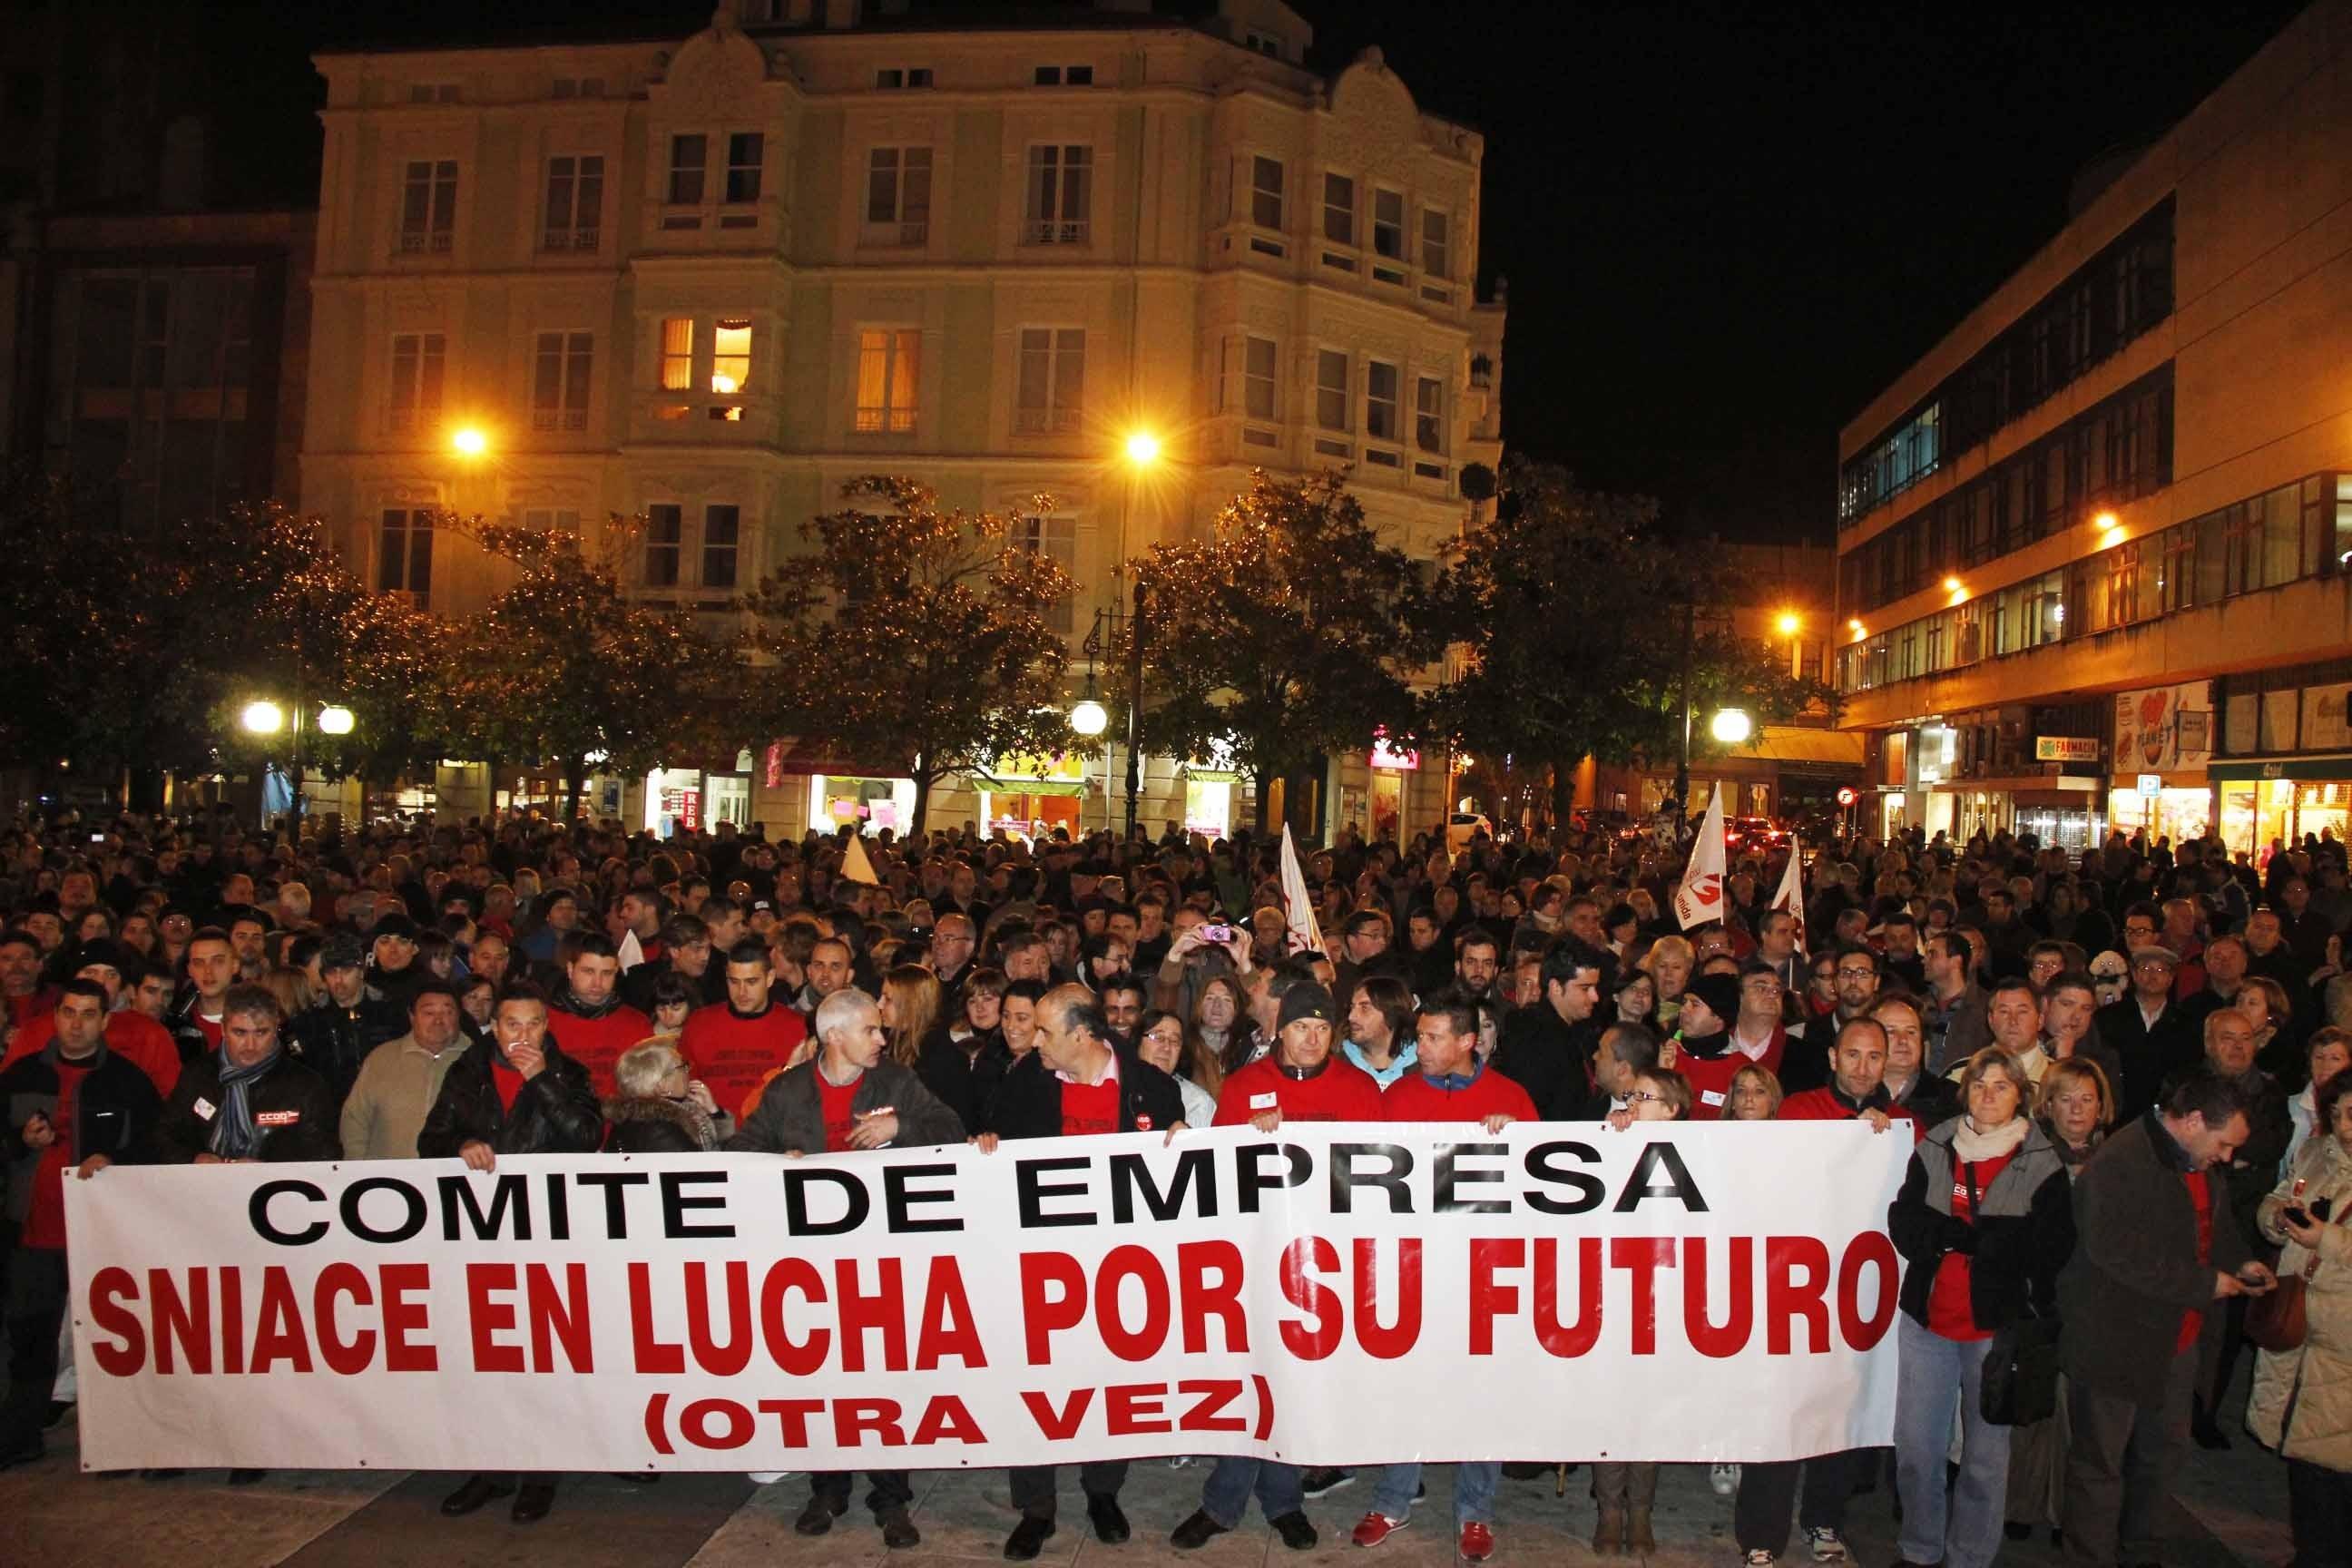 Unas 3.500 personas apoyan a los trabajadores de Sniace, que piden que se «reabra» la fábrica